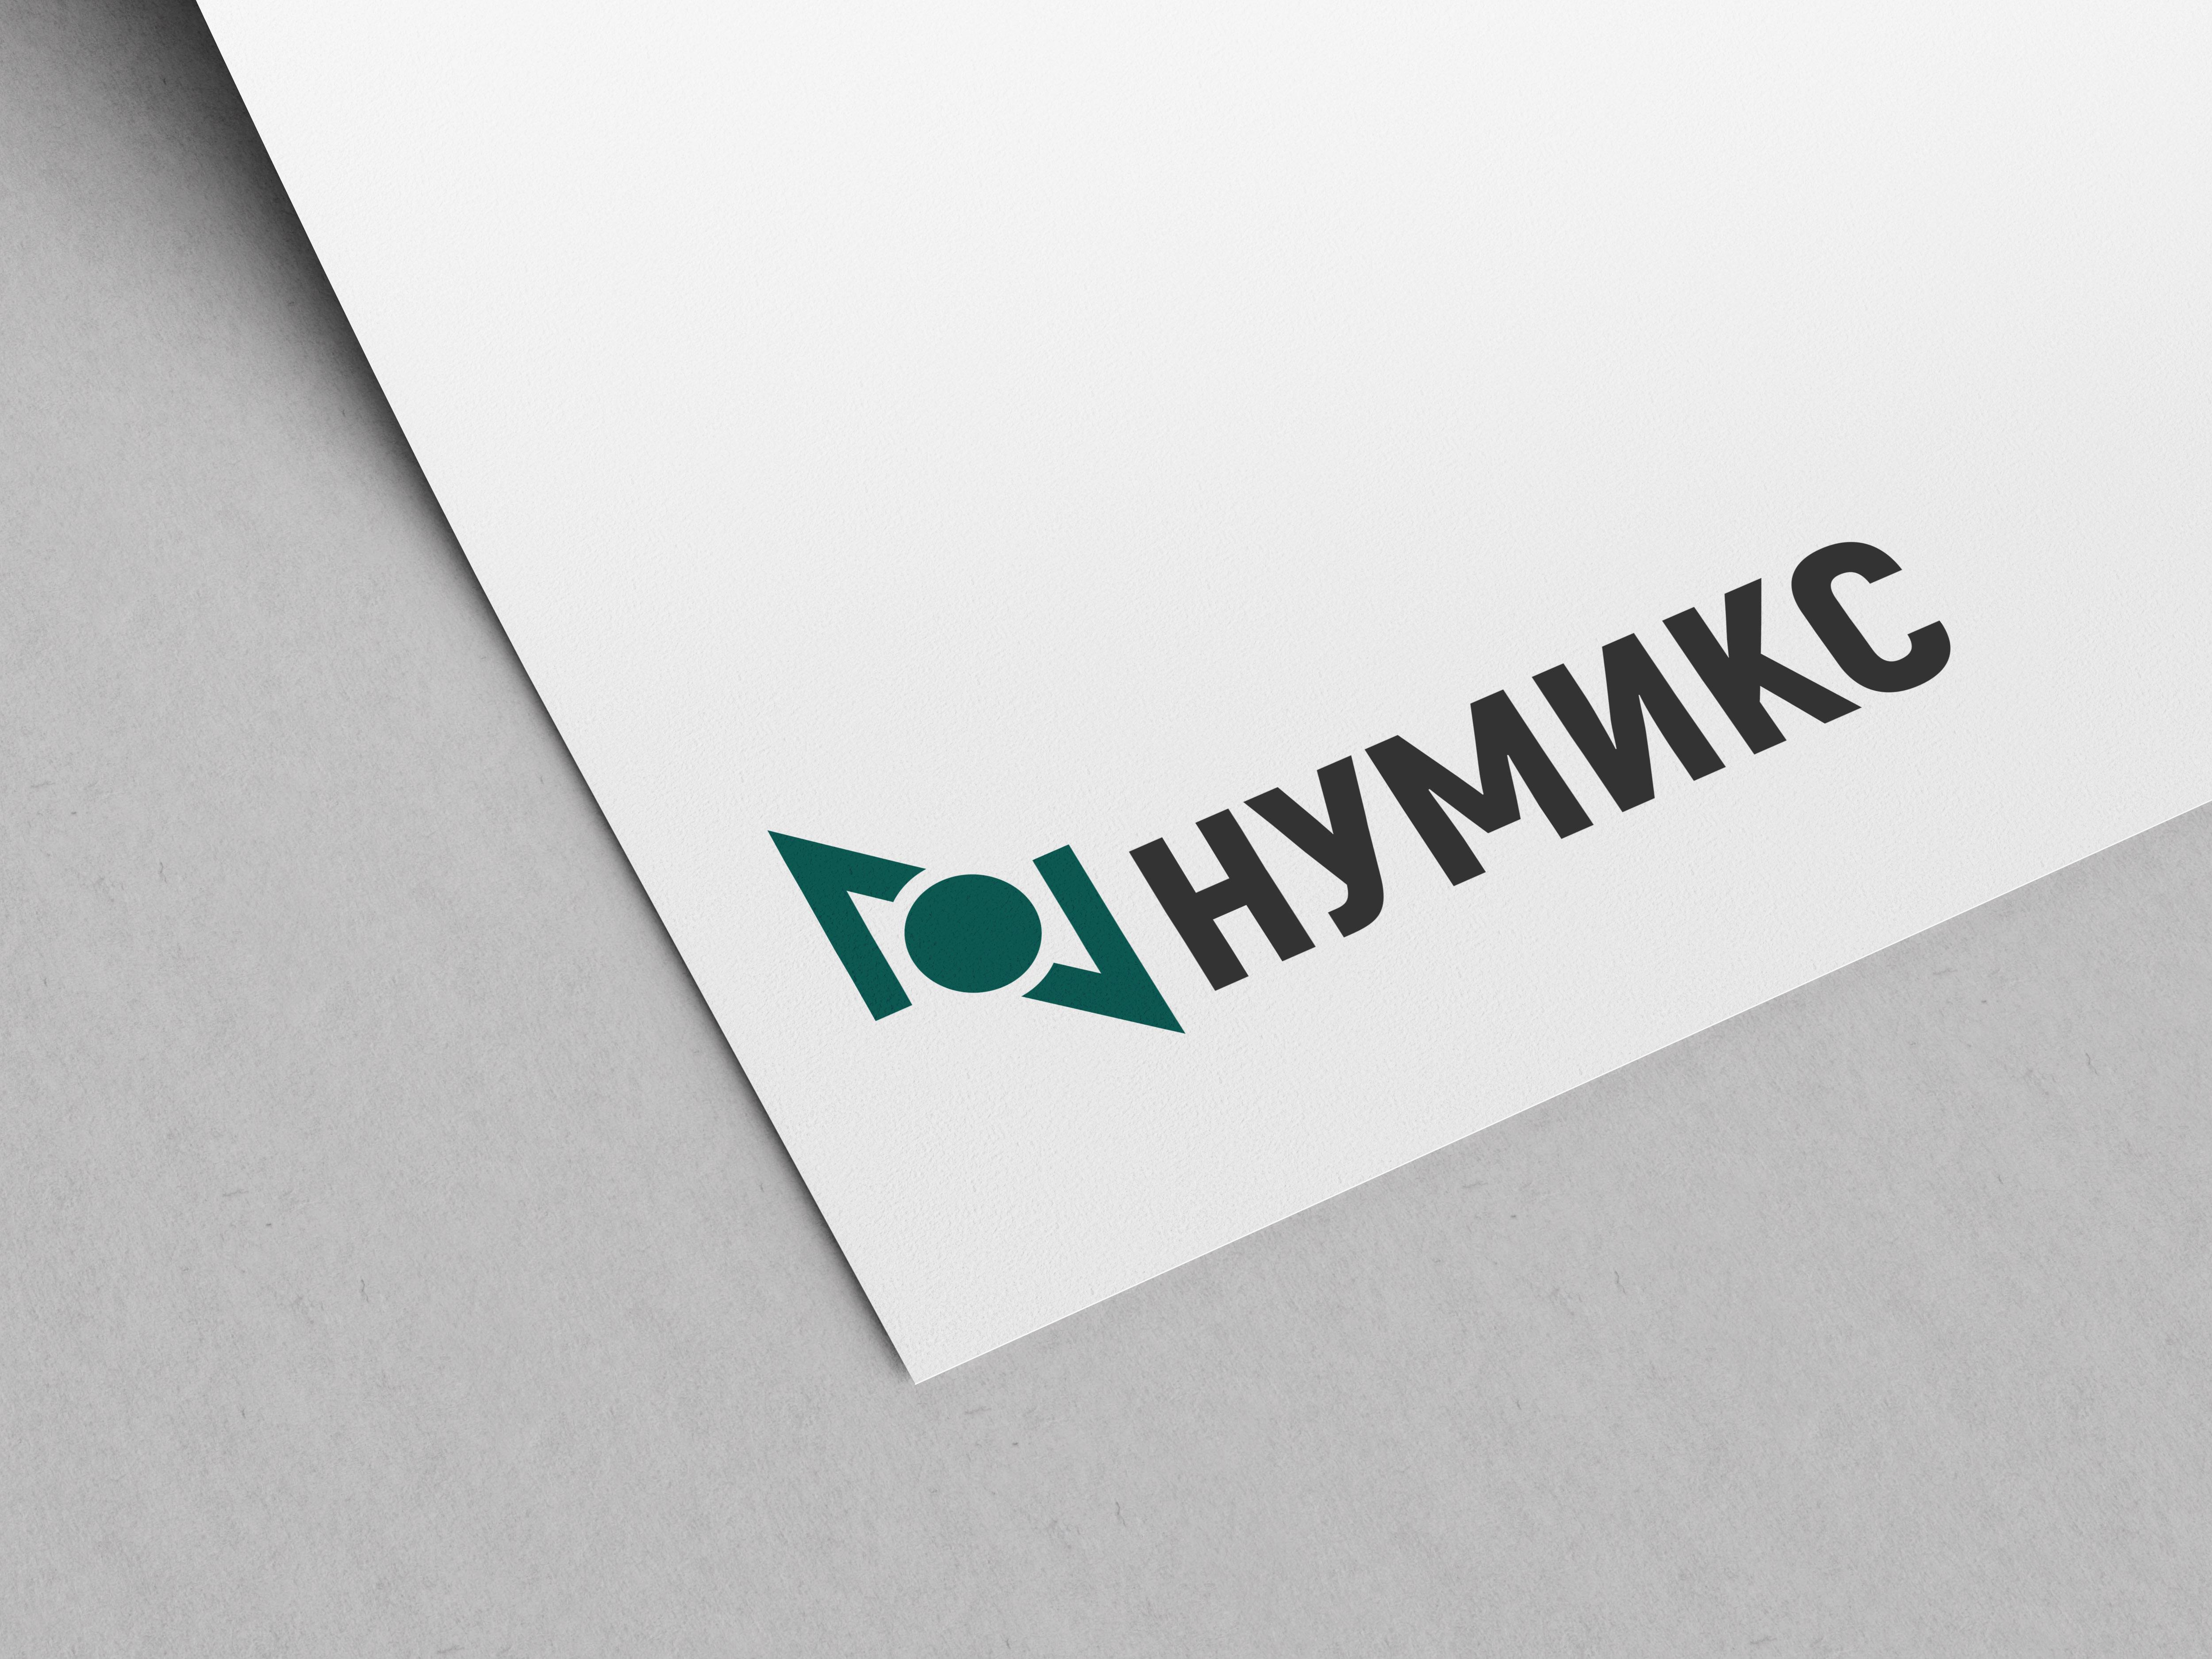 Логотип для интернет-магазина фото f_7255ec6e73e06b7a.jpg